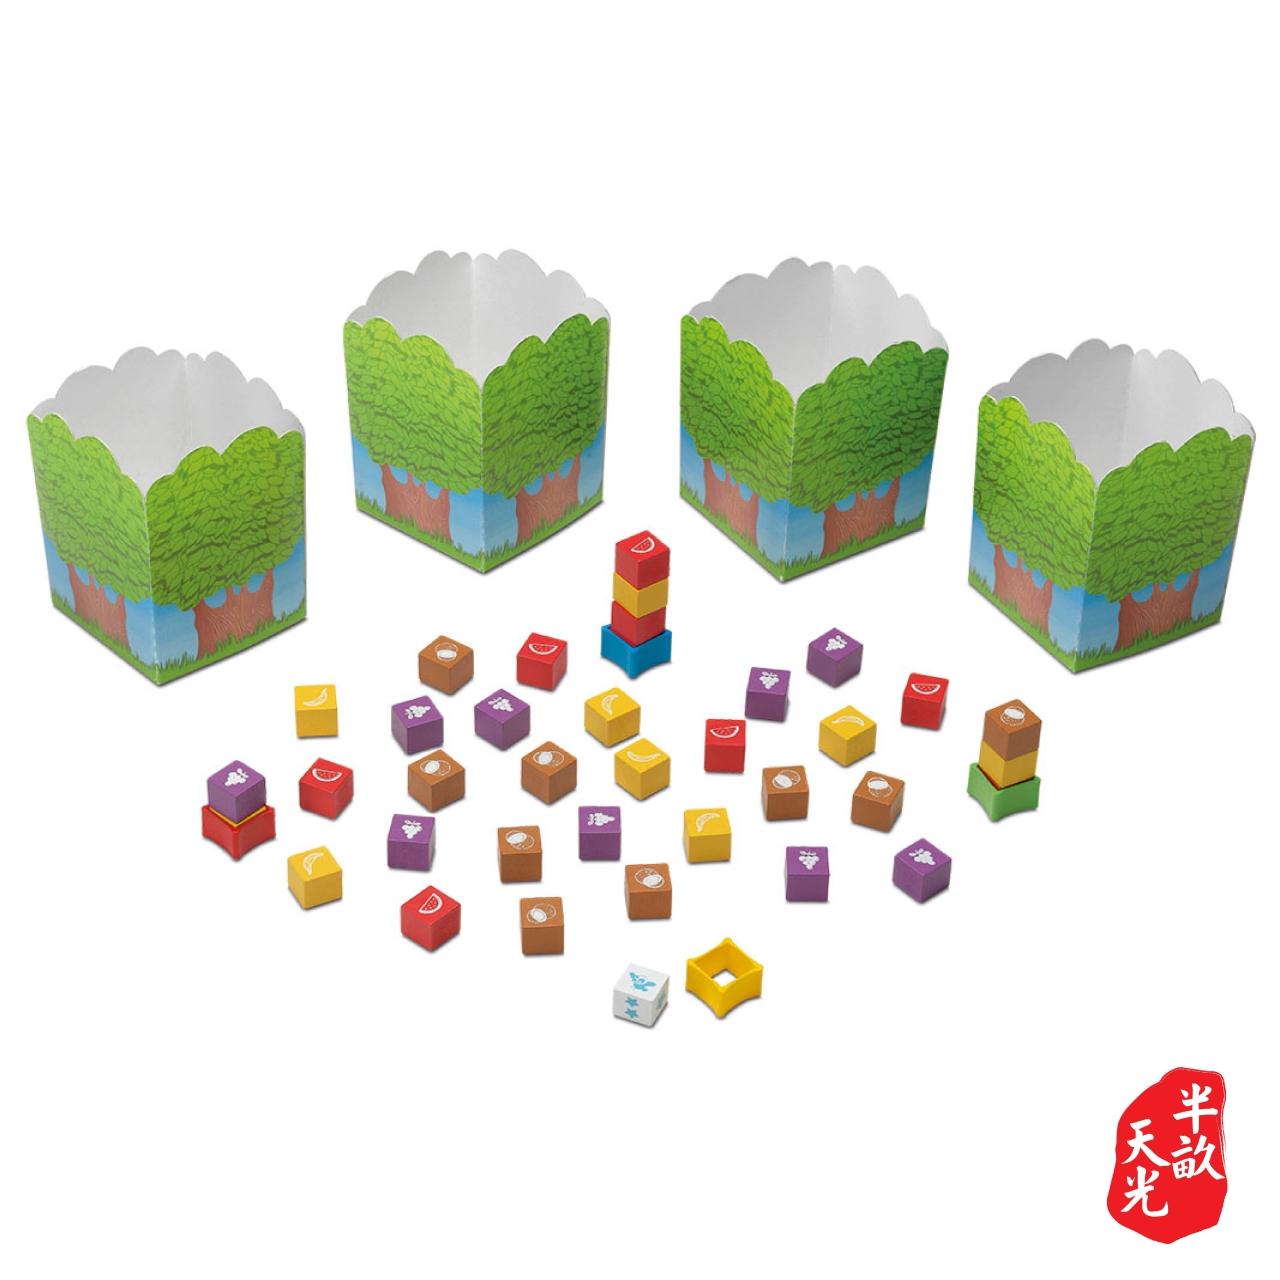 儿童桌游/儿童游戏/逻辑训练:猴子夹夹乐 Monkeys' Forest